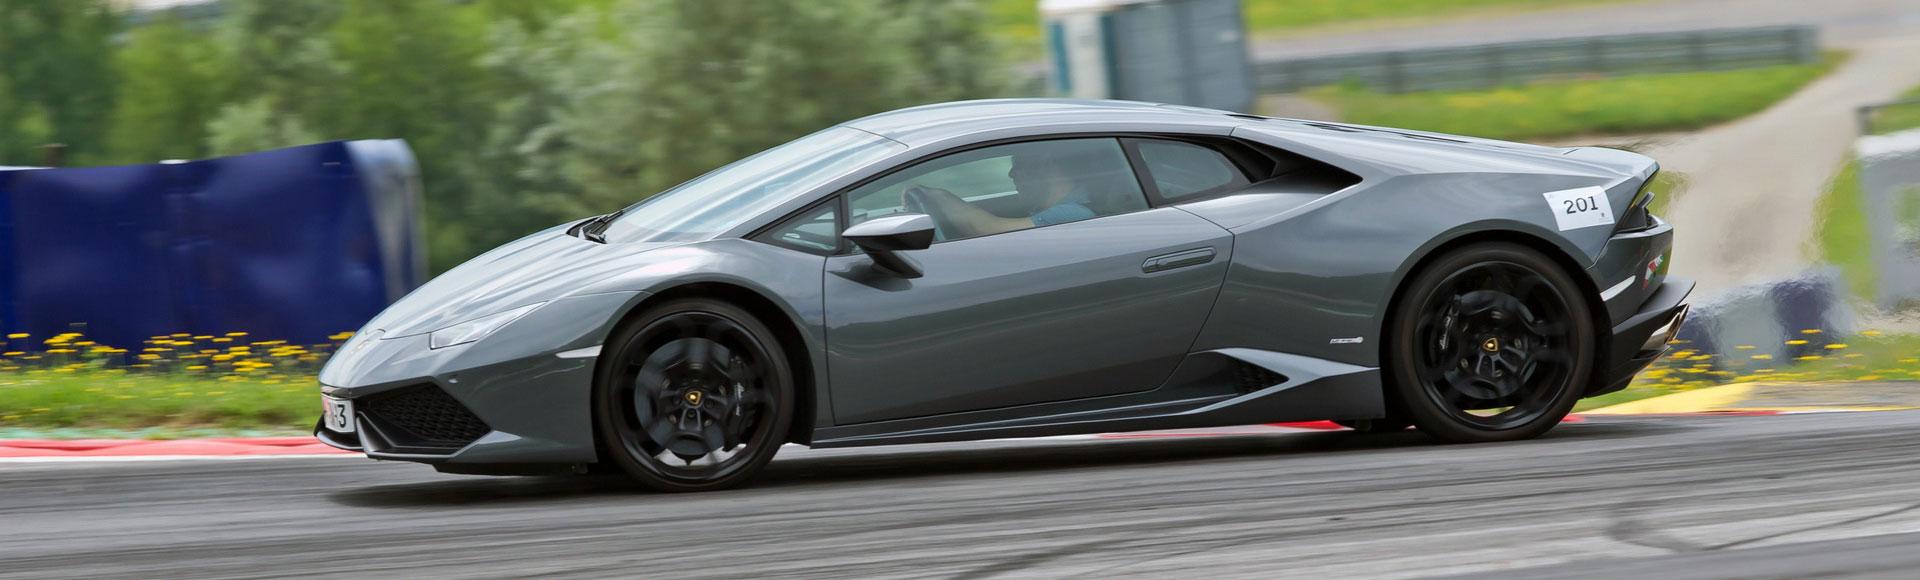 Lamborghini Huracan_2015_2